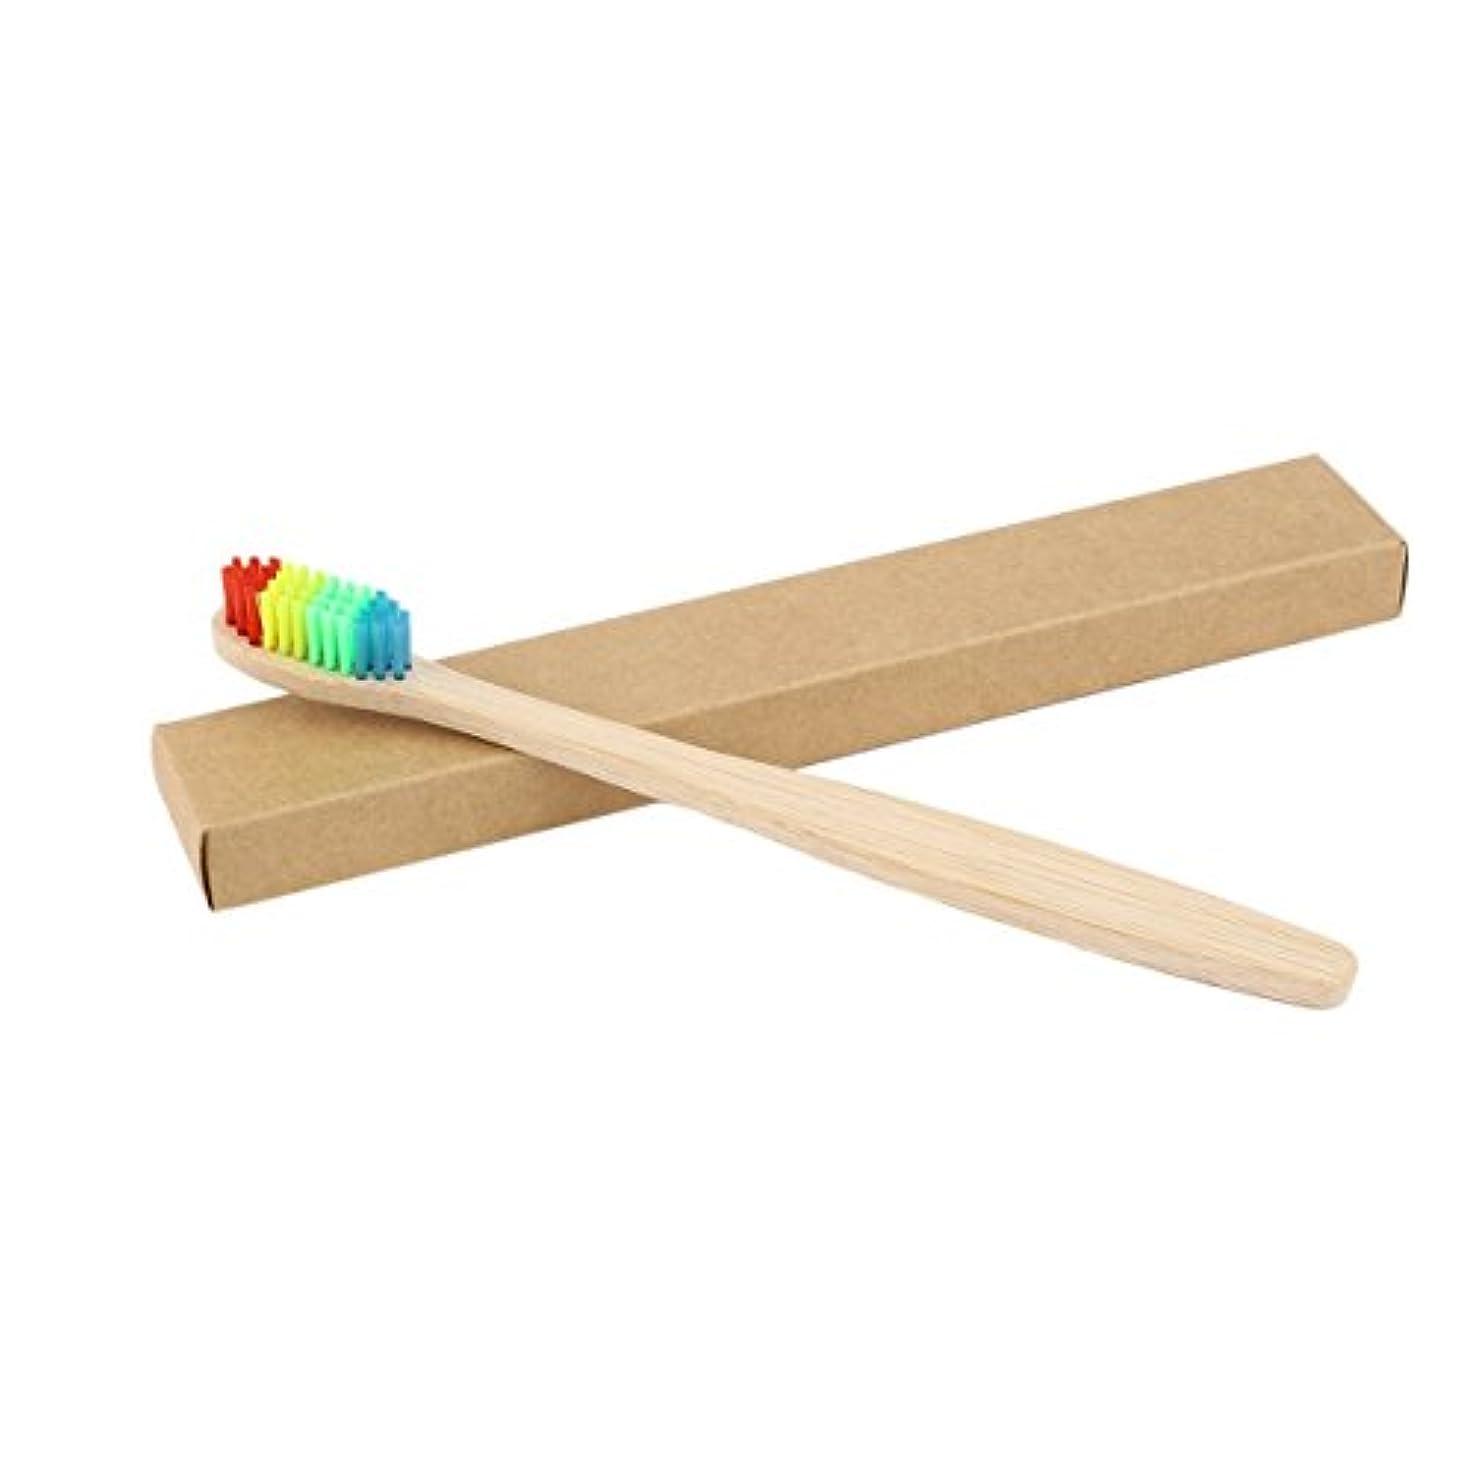 打ち負かす皿反映するカラフルな髪+竹のハンドル歯ブラシ環境木製の虹竹の歯ブラシオーラルケアソフト剛毛ユニセックス - ウッドカラー+カラフル